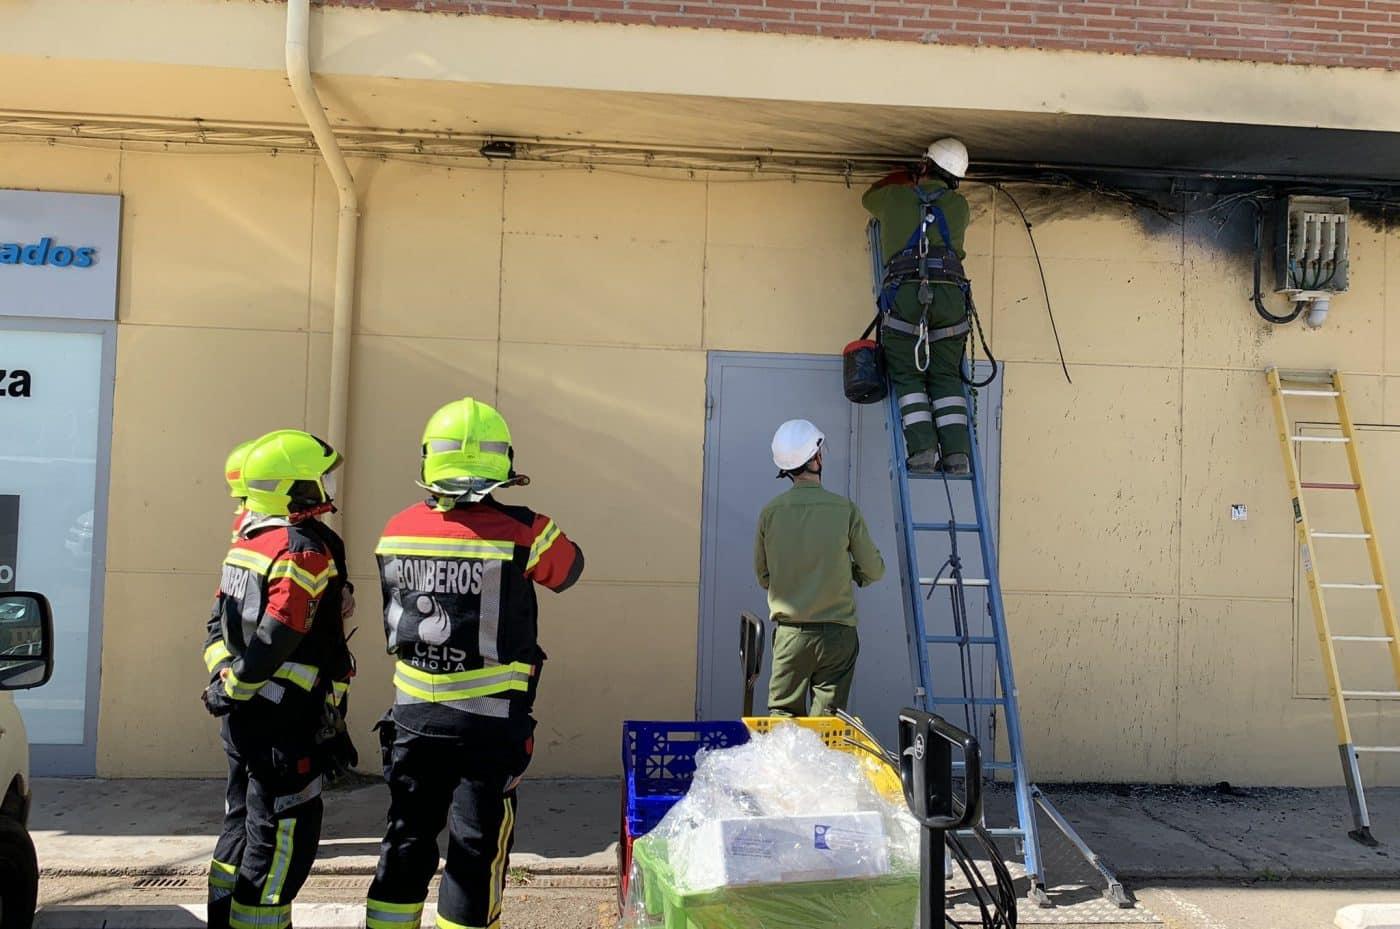 Extinguido un incendio en el cuadro de luz de un edificio en Casalarreina 1